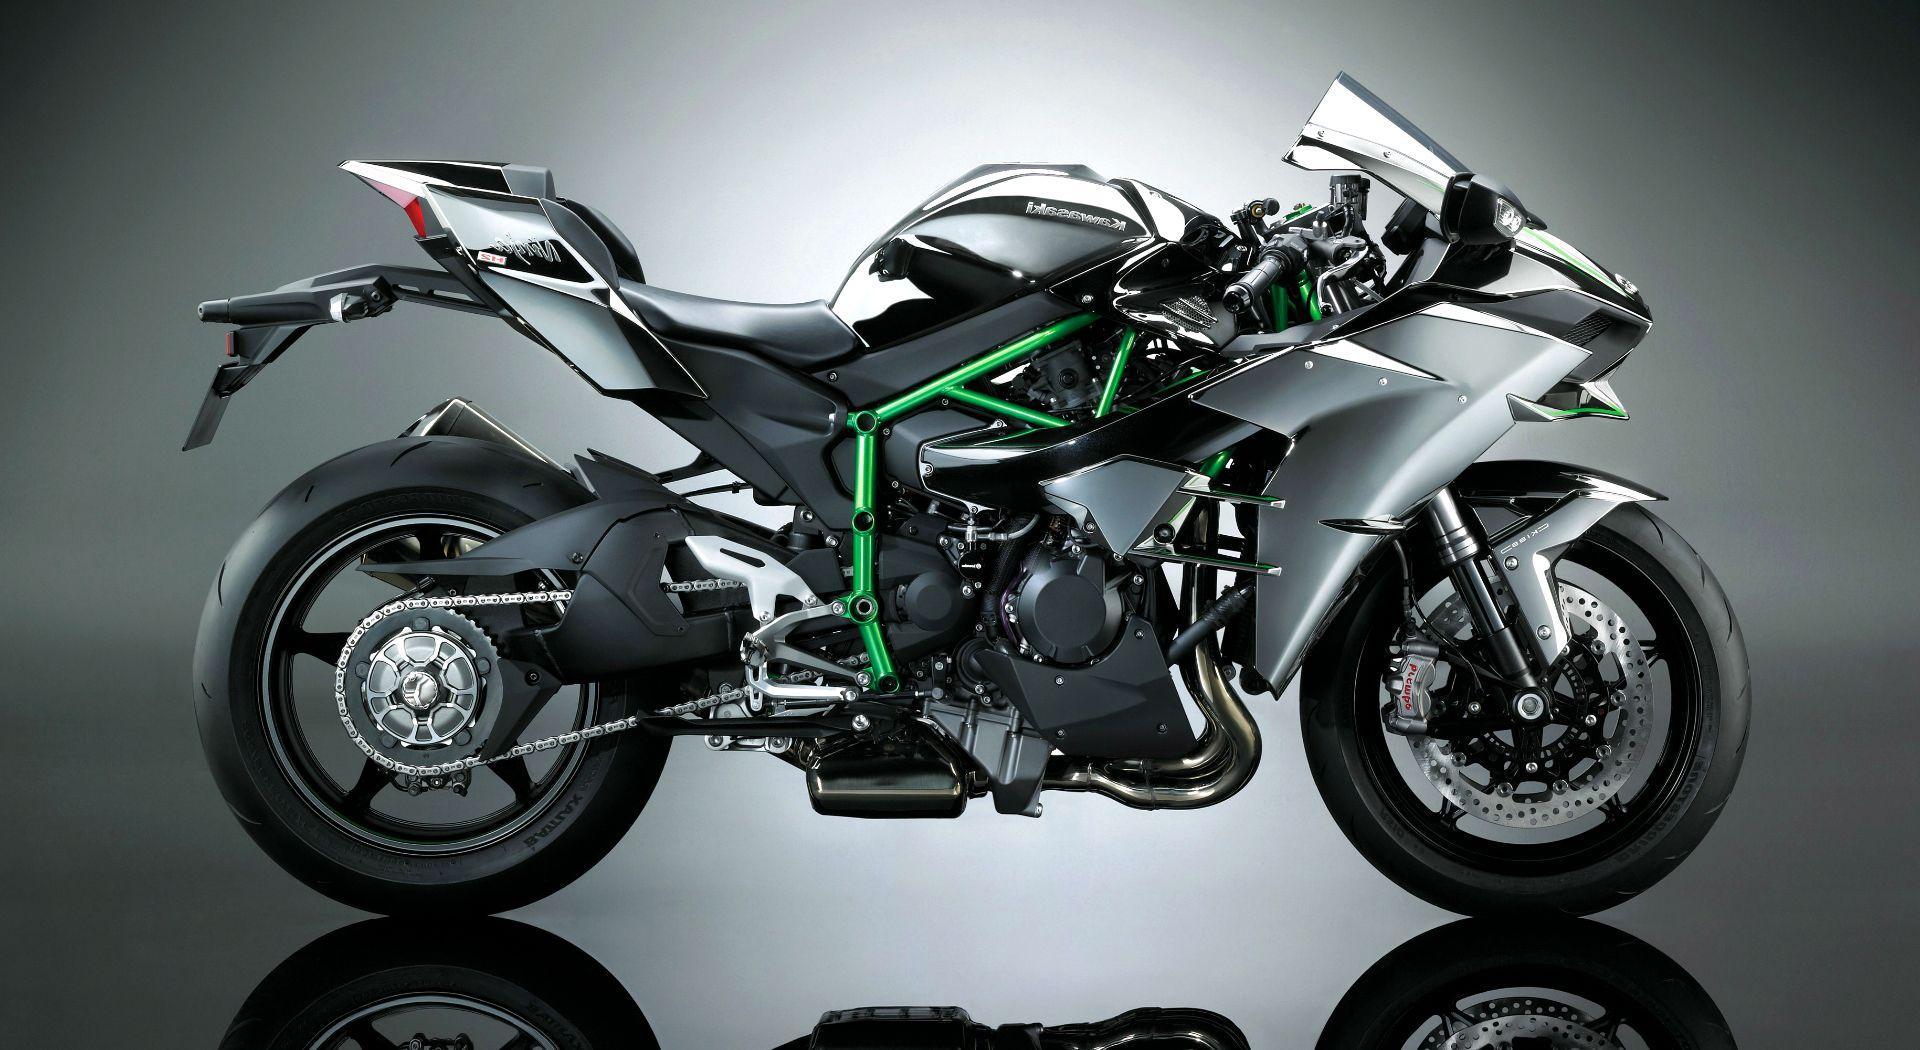 Top Free Kawasaki H2 Backgrounds